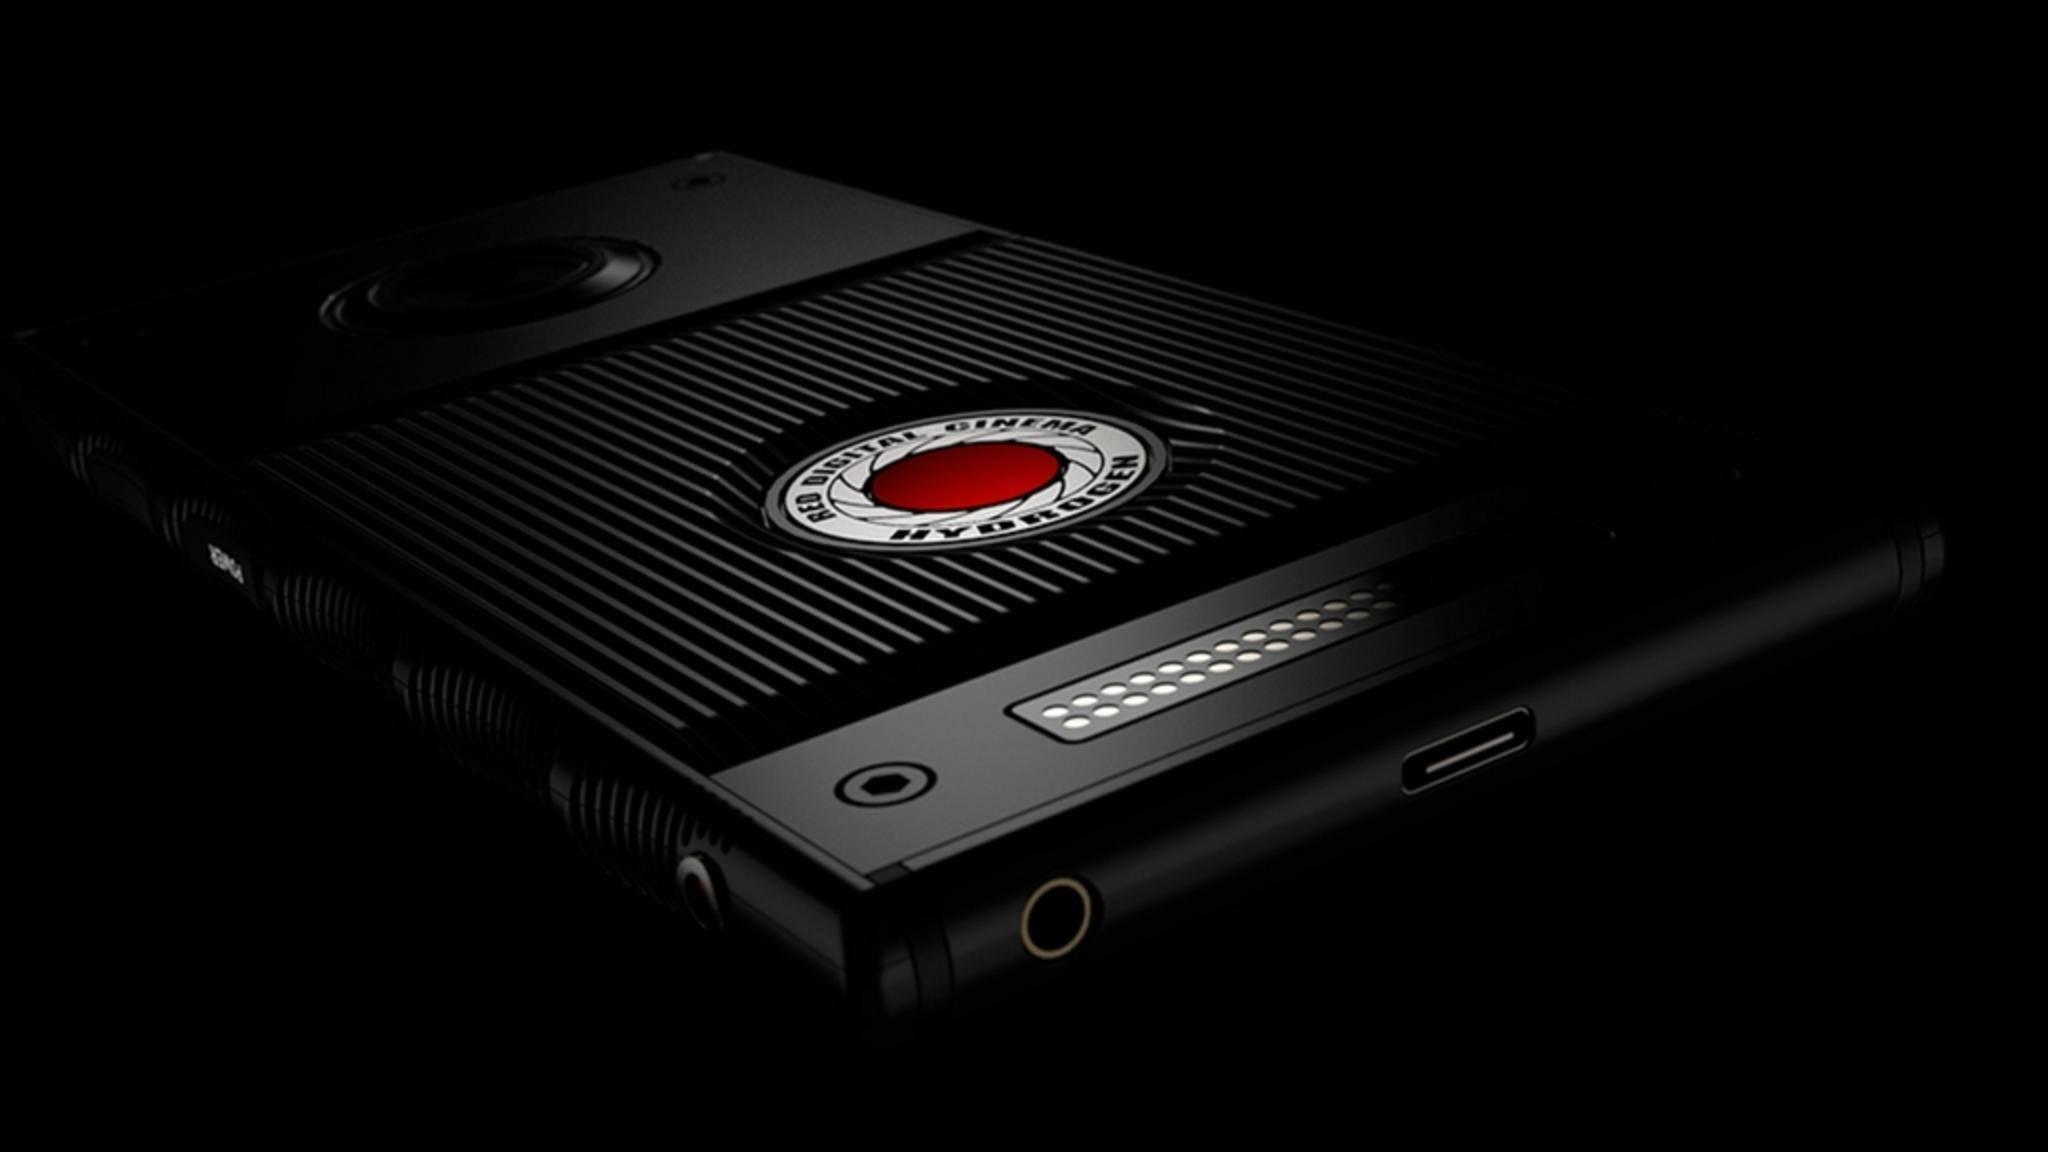 Das RED Hydrogen One soll ein holografisches Display besitzen.